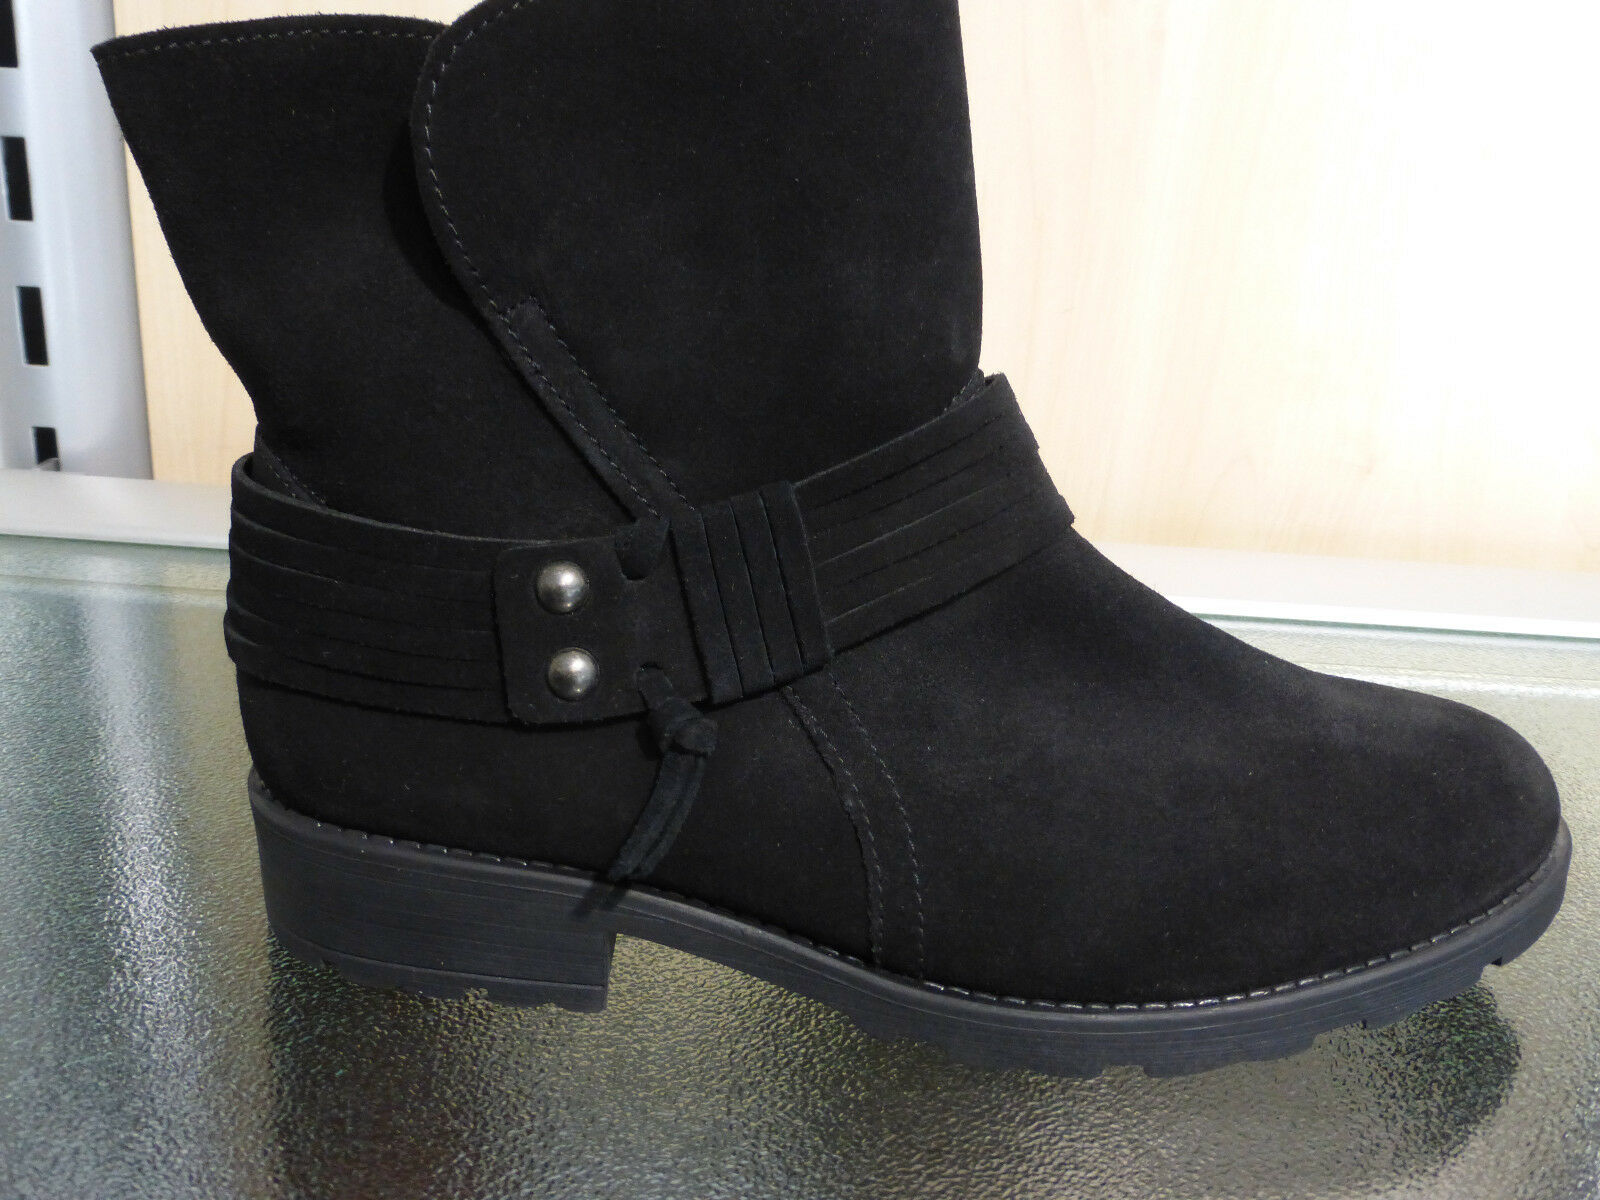 Zapatos especiales con descuento Gabor Damenwinterstiefel schwarz Velourleder RV Lammfell 93.721.37 Sonderpreis!